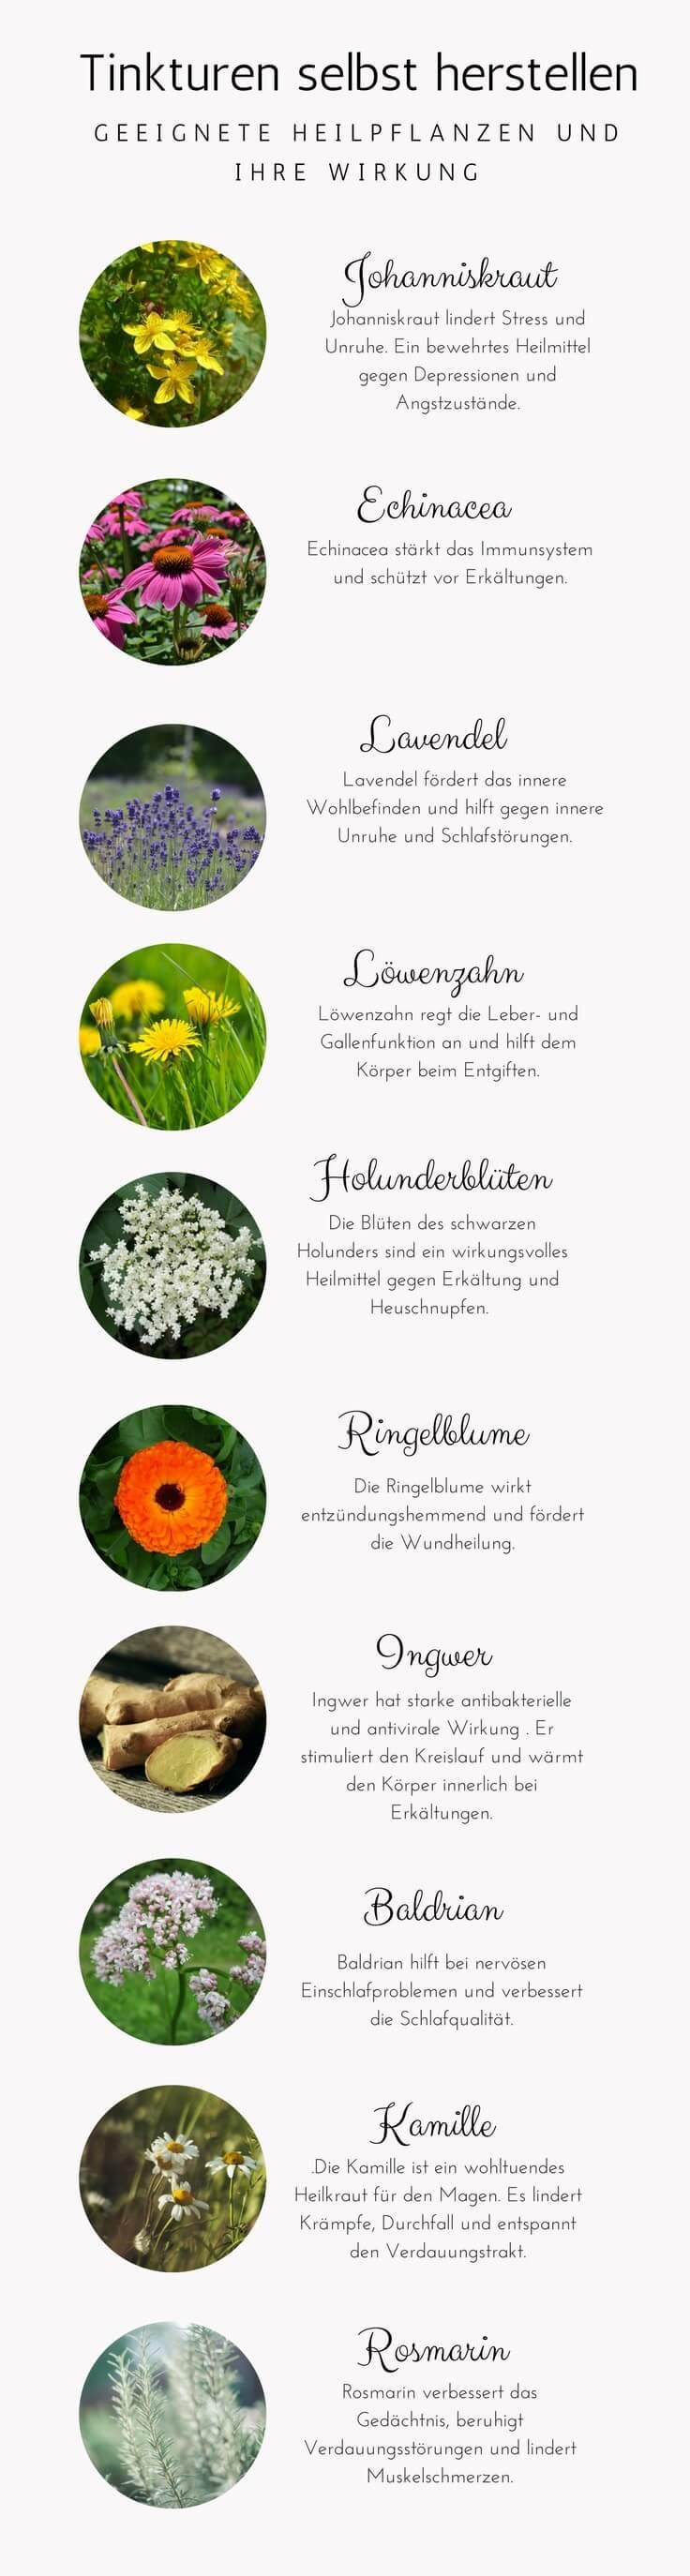 10 geeignete Heilpflanzen für Tinkturen